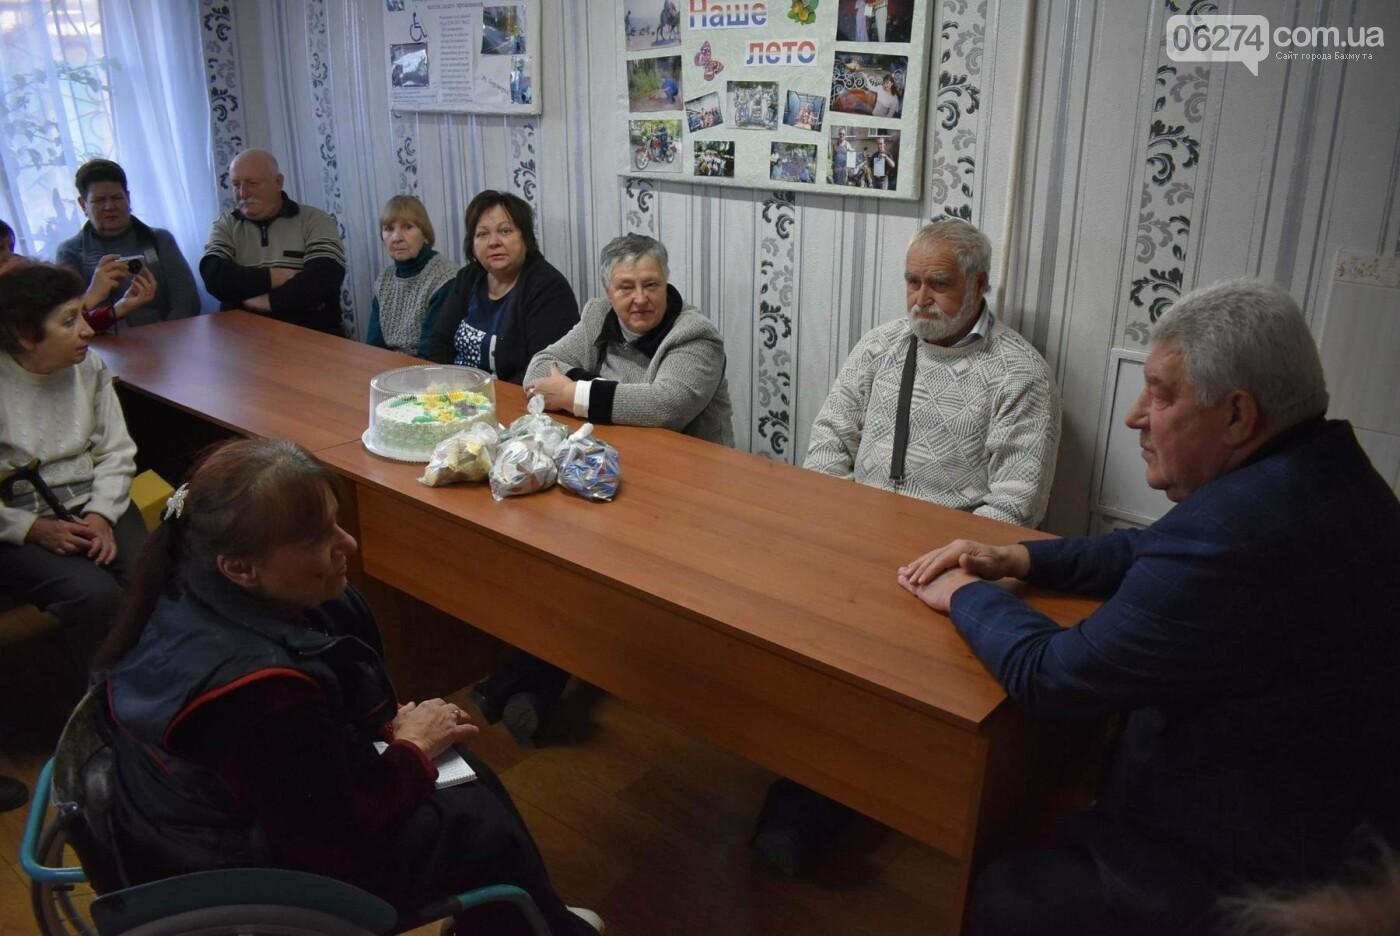 Бахмутский городской голова встретился с членами общества людей с инвалидностью «Надежда», фото-3